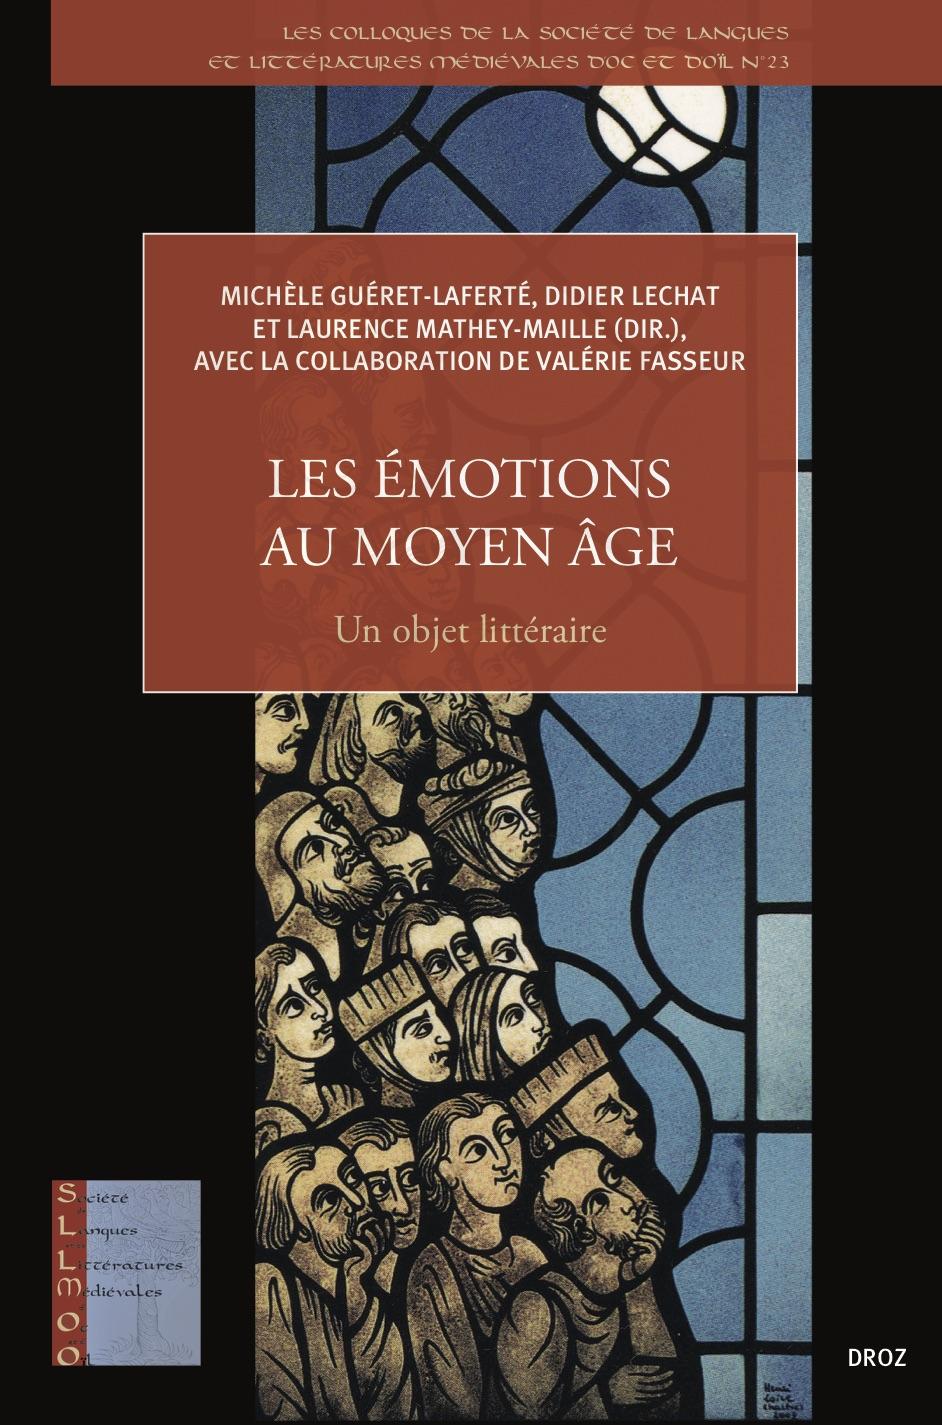 M. Gueret-Laferté, D. Lechat, L. Mathey-Maille (dir.), Les émotions au Moyen Âge. Un objet littéraire.